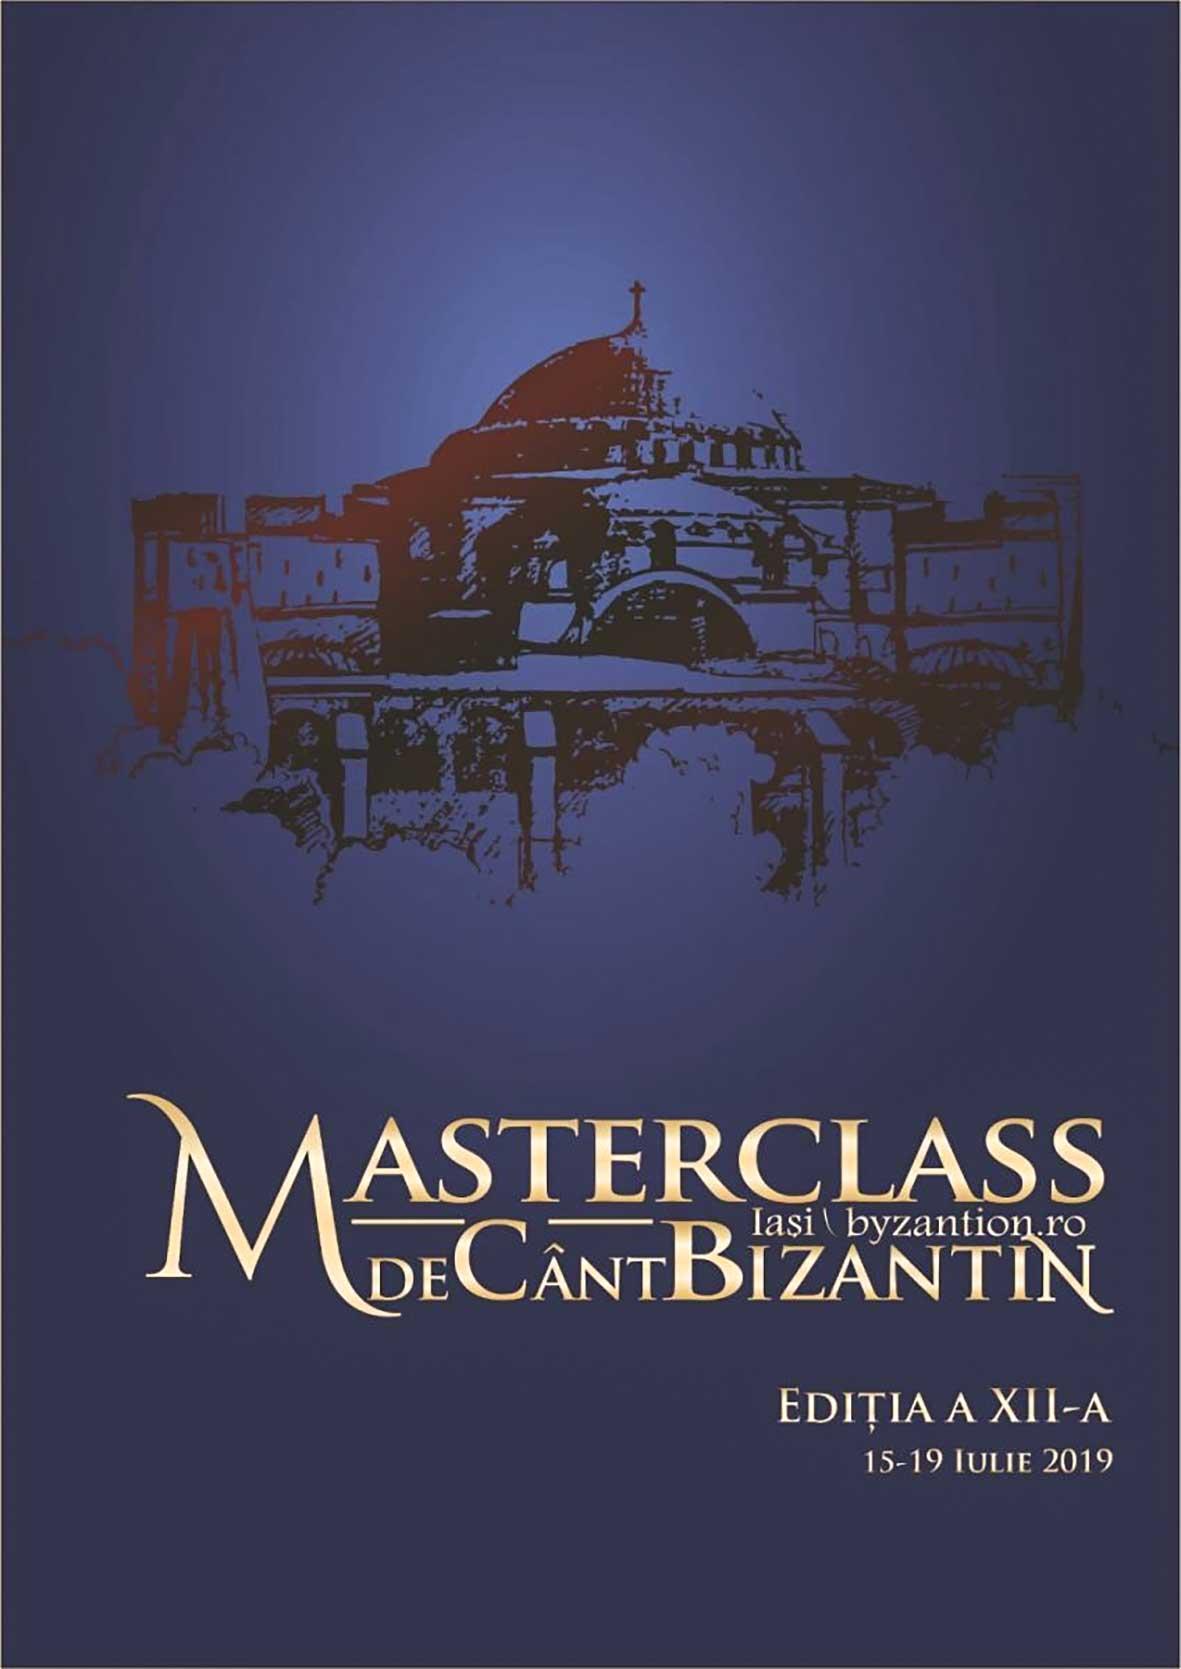 Masterclass-ul de cânt bizantin la Iaşi – ediţia 2019